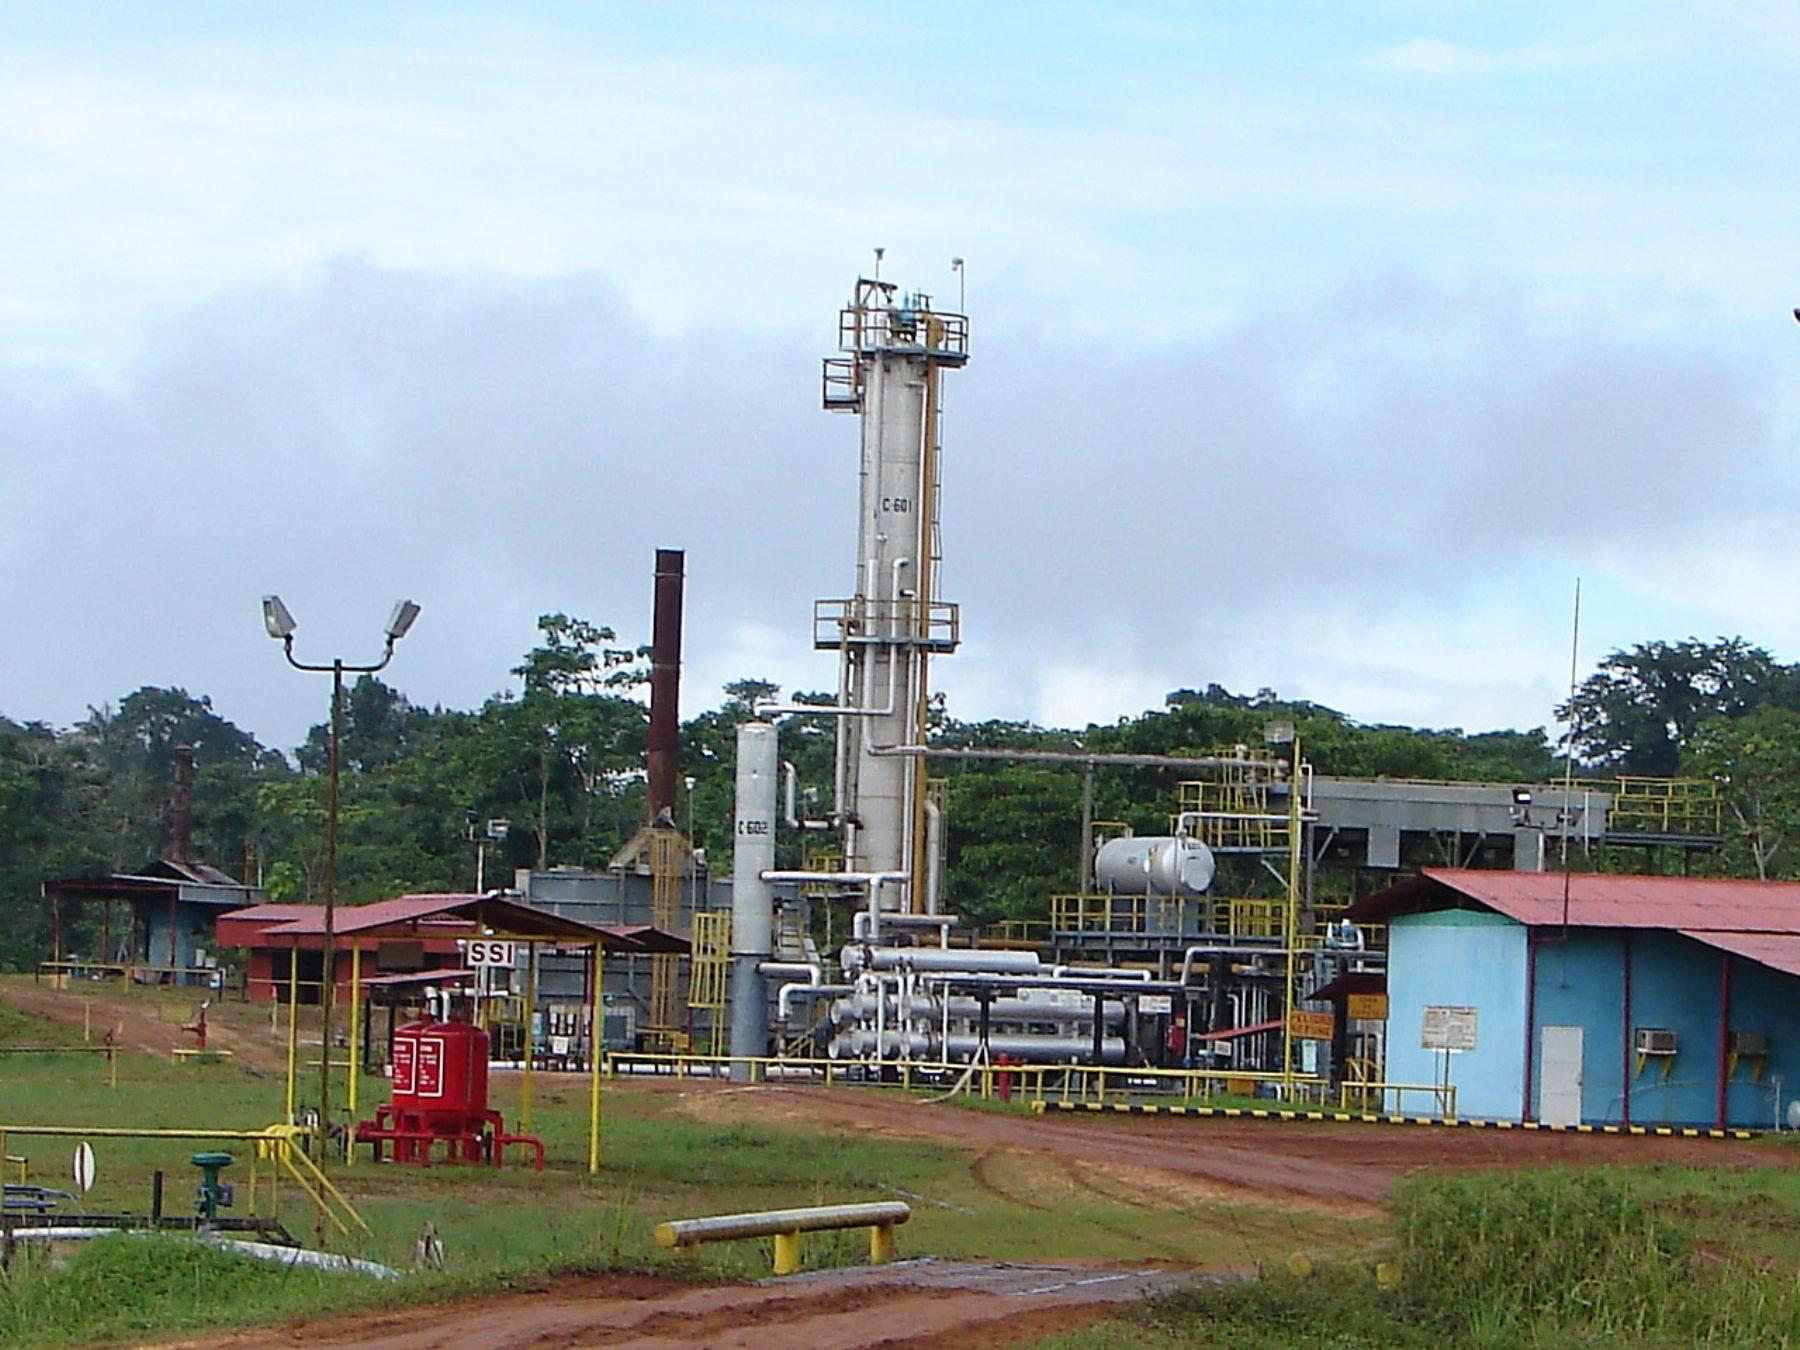 La propuesta de modificación de la Ley Orgánica de Hidrocarburos fue cuestionada por el Ministerio del Ambiente y otras instituciones. Foto: PeruPetro.